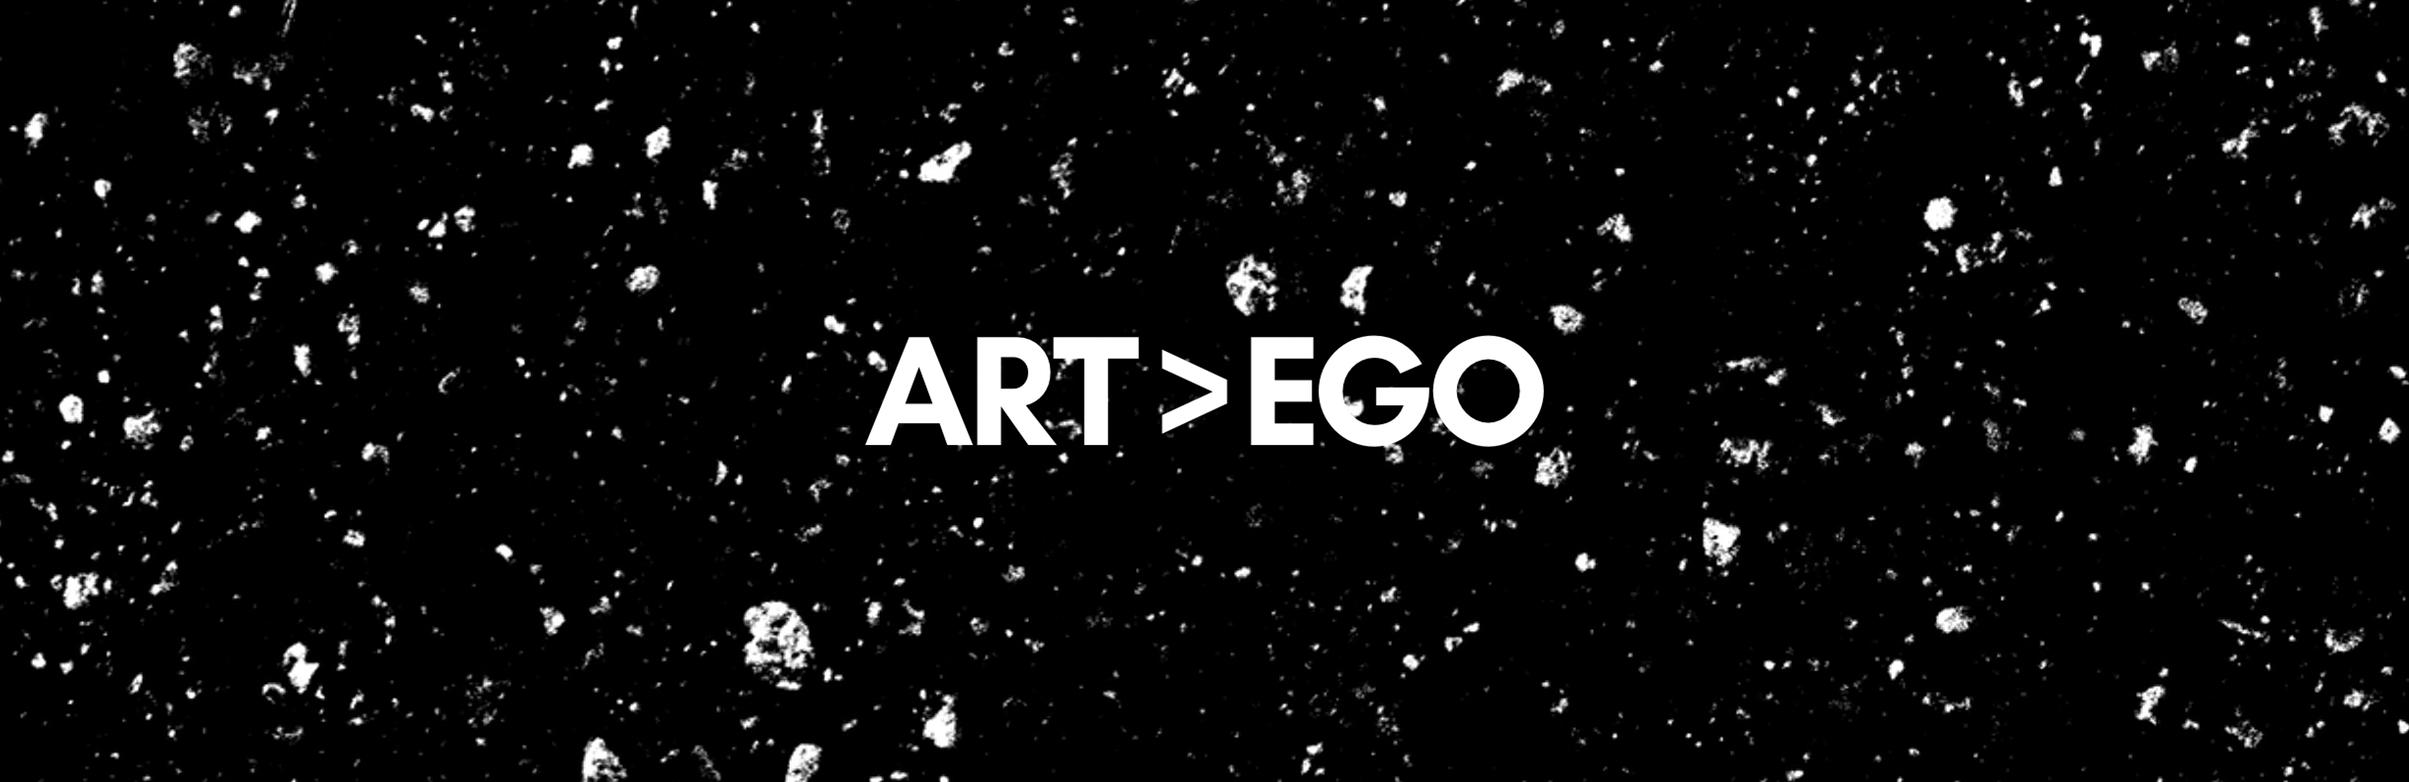 Art Over Ego